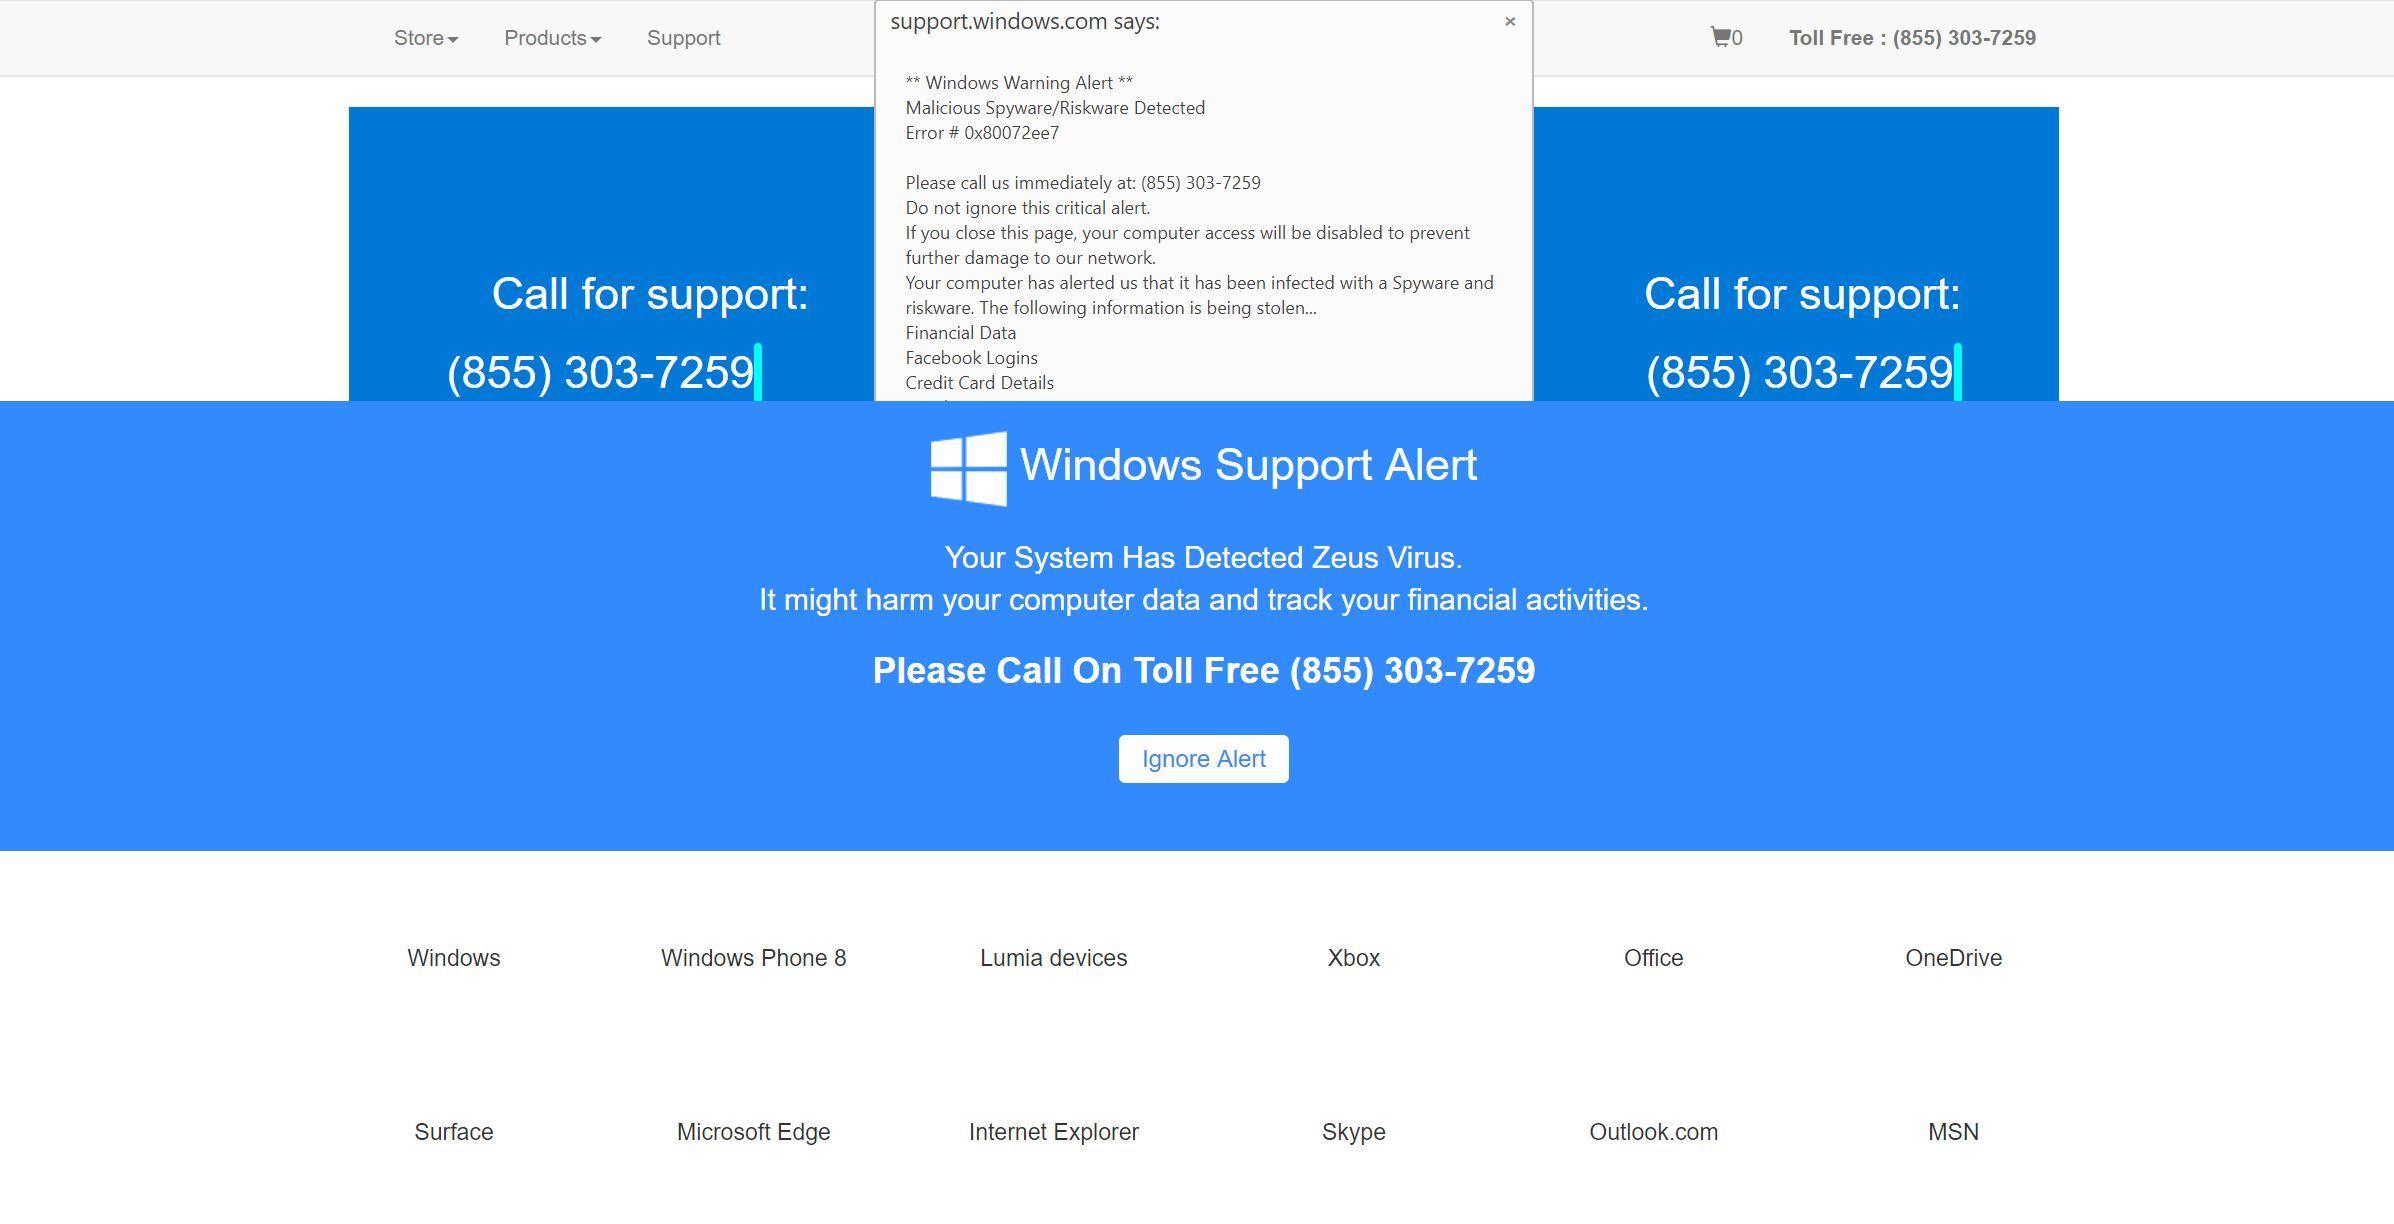 Bild: Windows-Fehlercode: DLL011150 - Betrug beim technischen Support